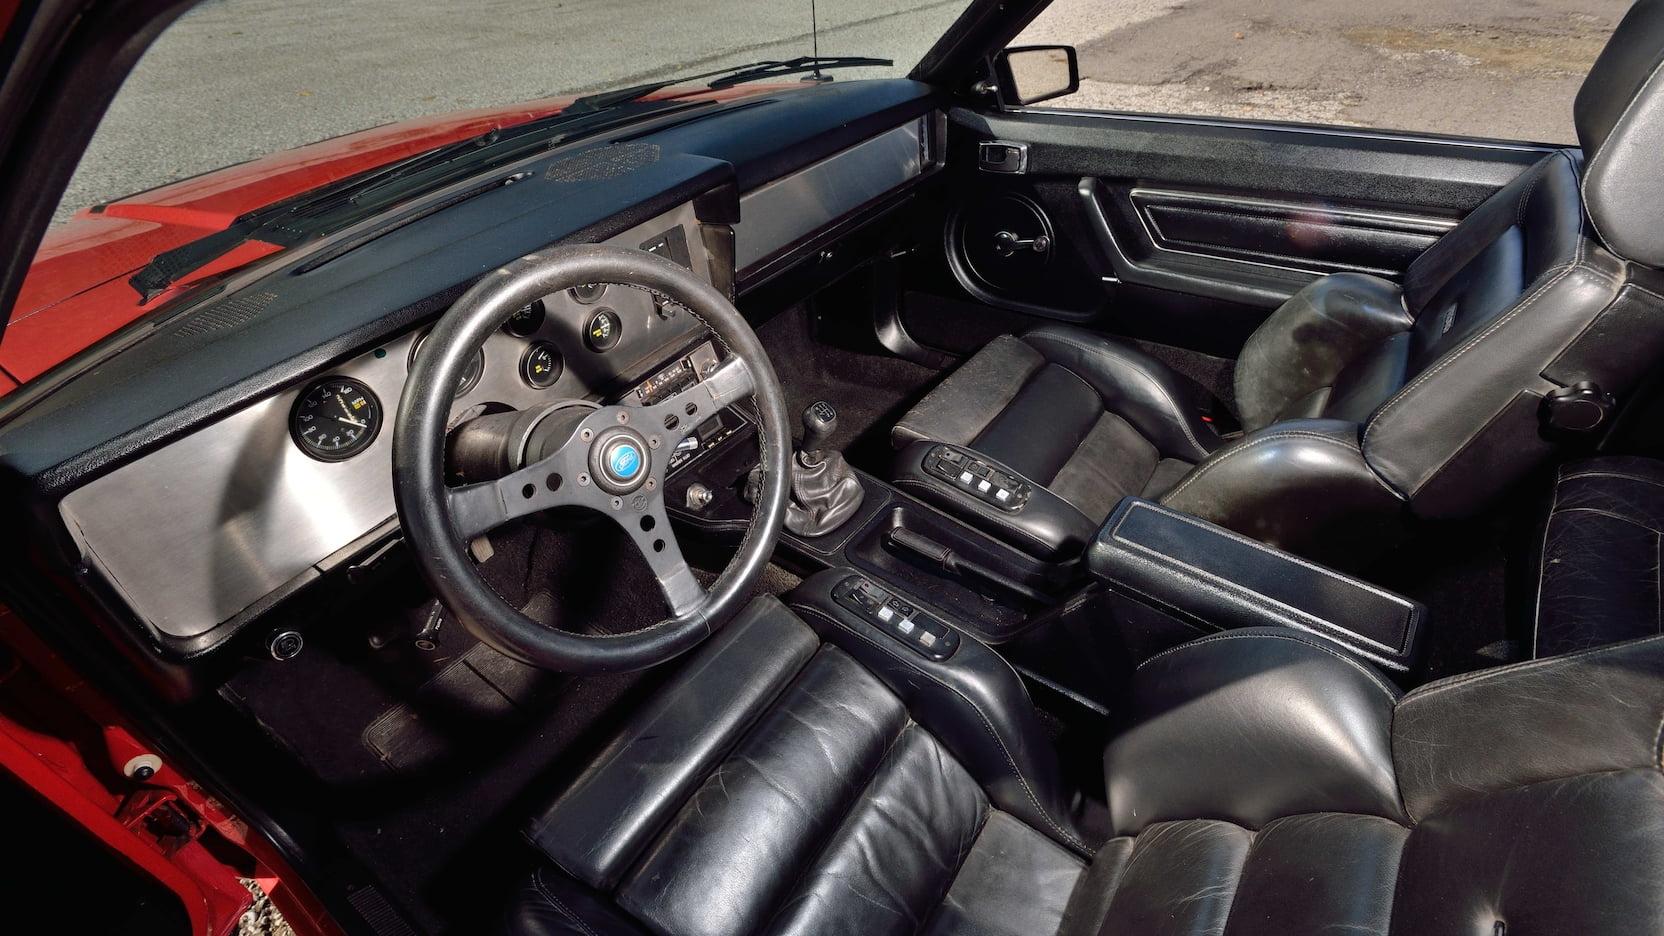 1980 Mercury Cosworth Capri interior